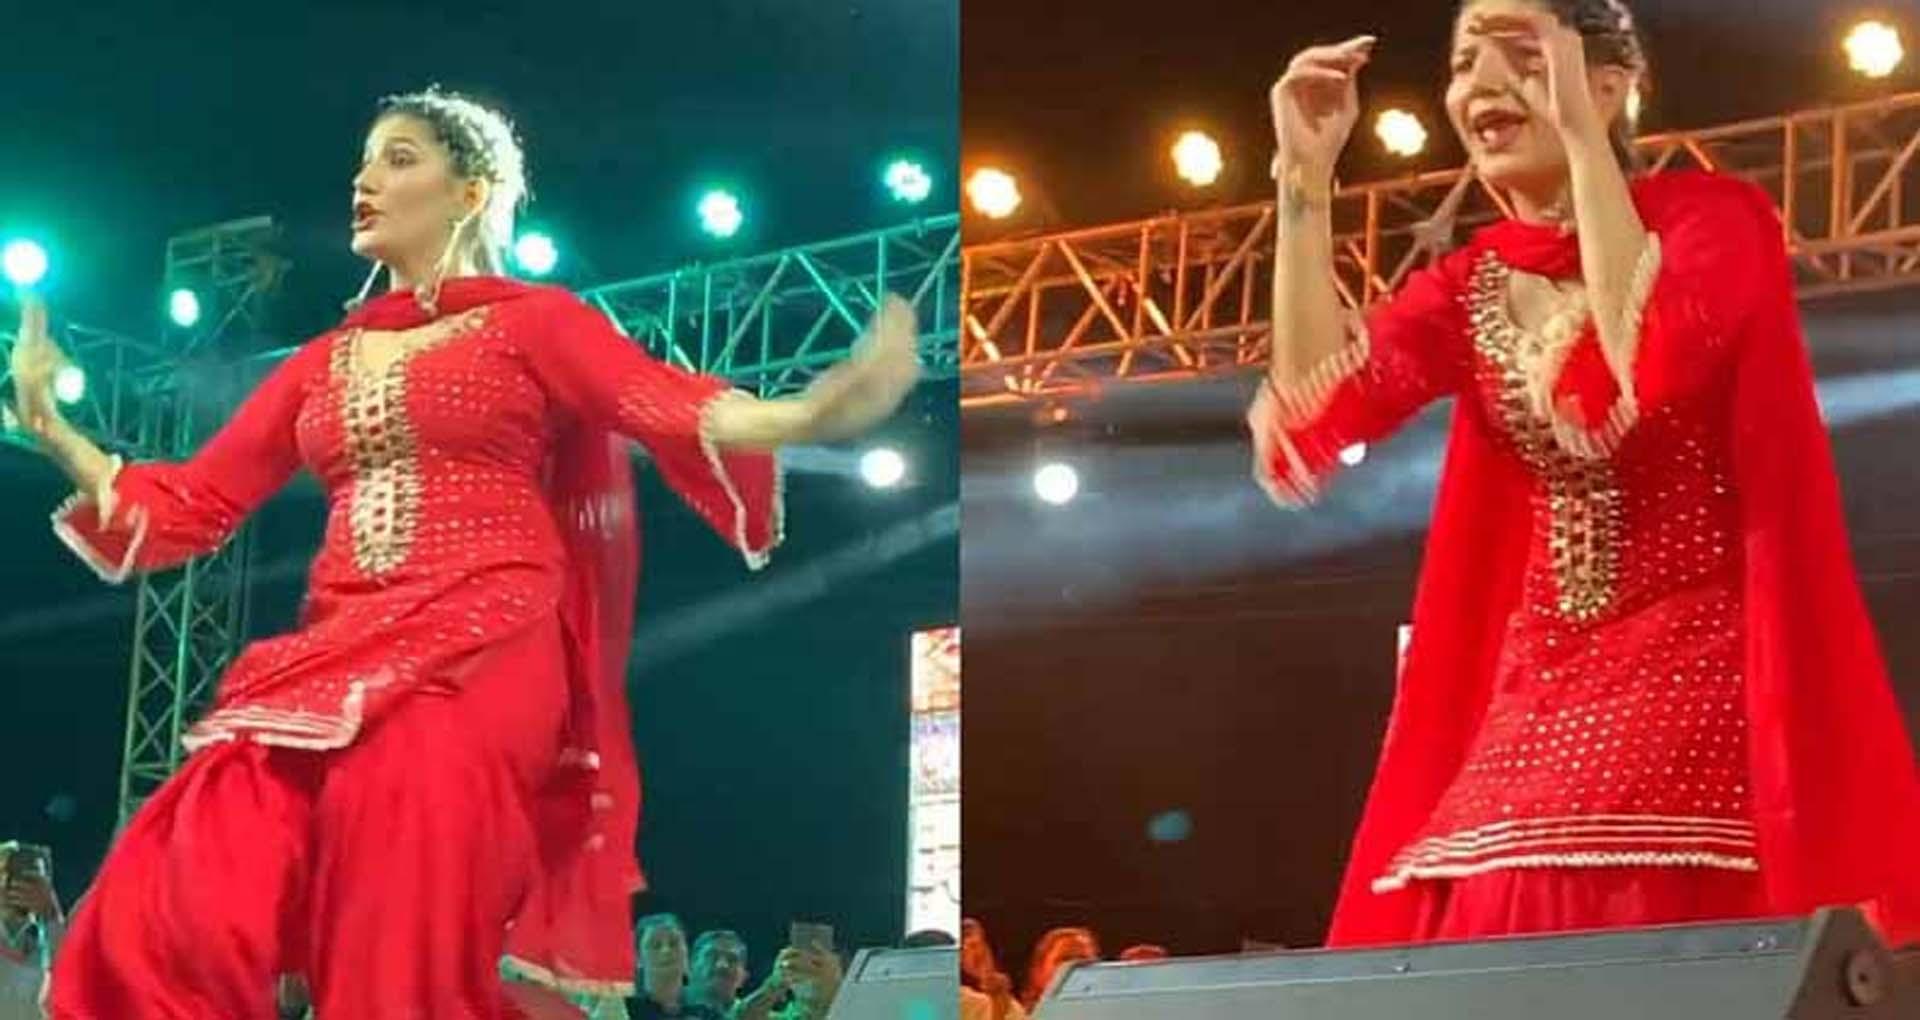 Sapna Choudhary Video: सपना चौधरी का डांस वीडियो हुआ वायरल, दर्शकों को बना रहा है दीवाना!